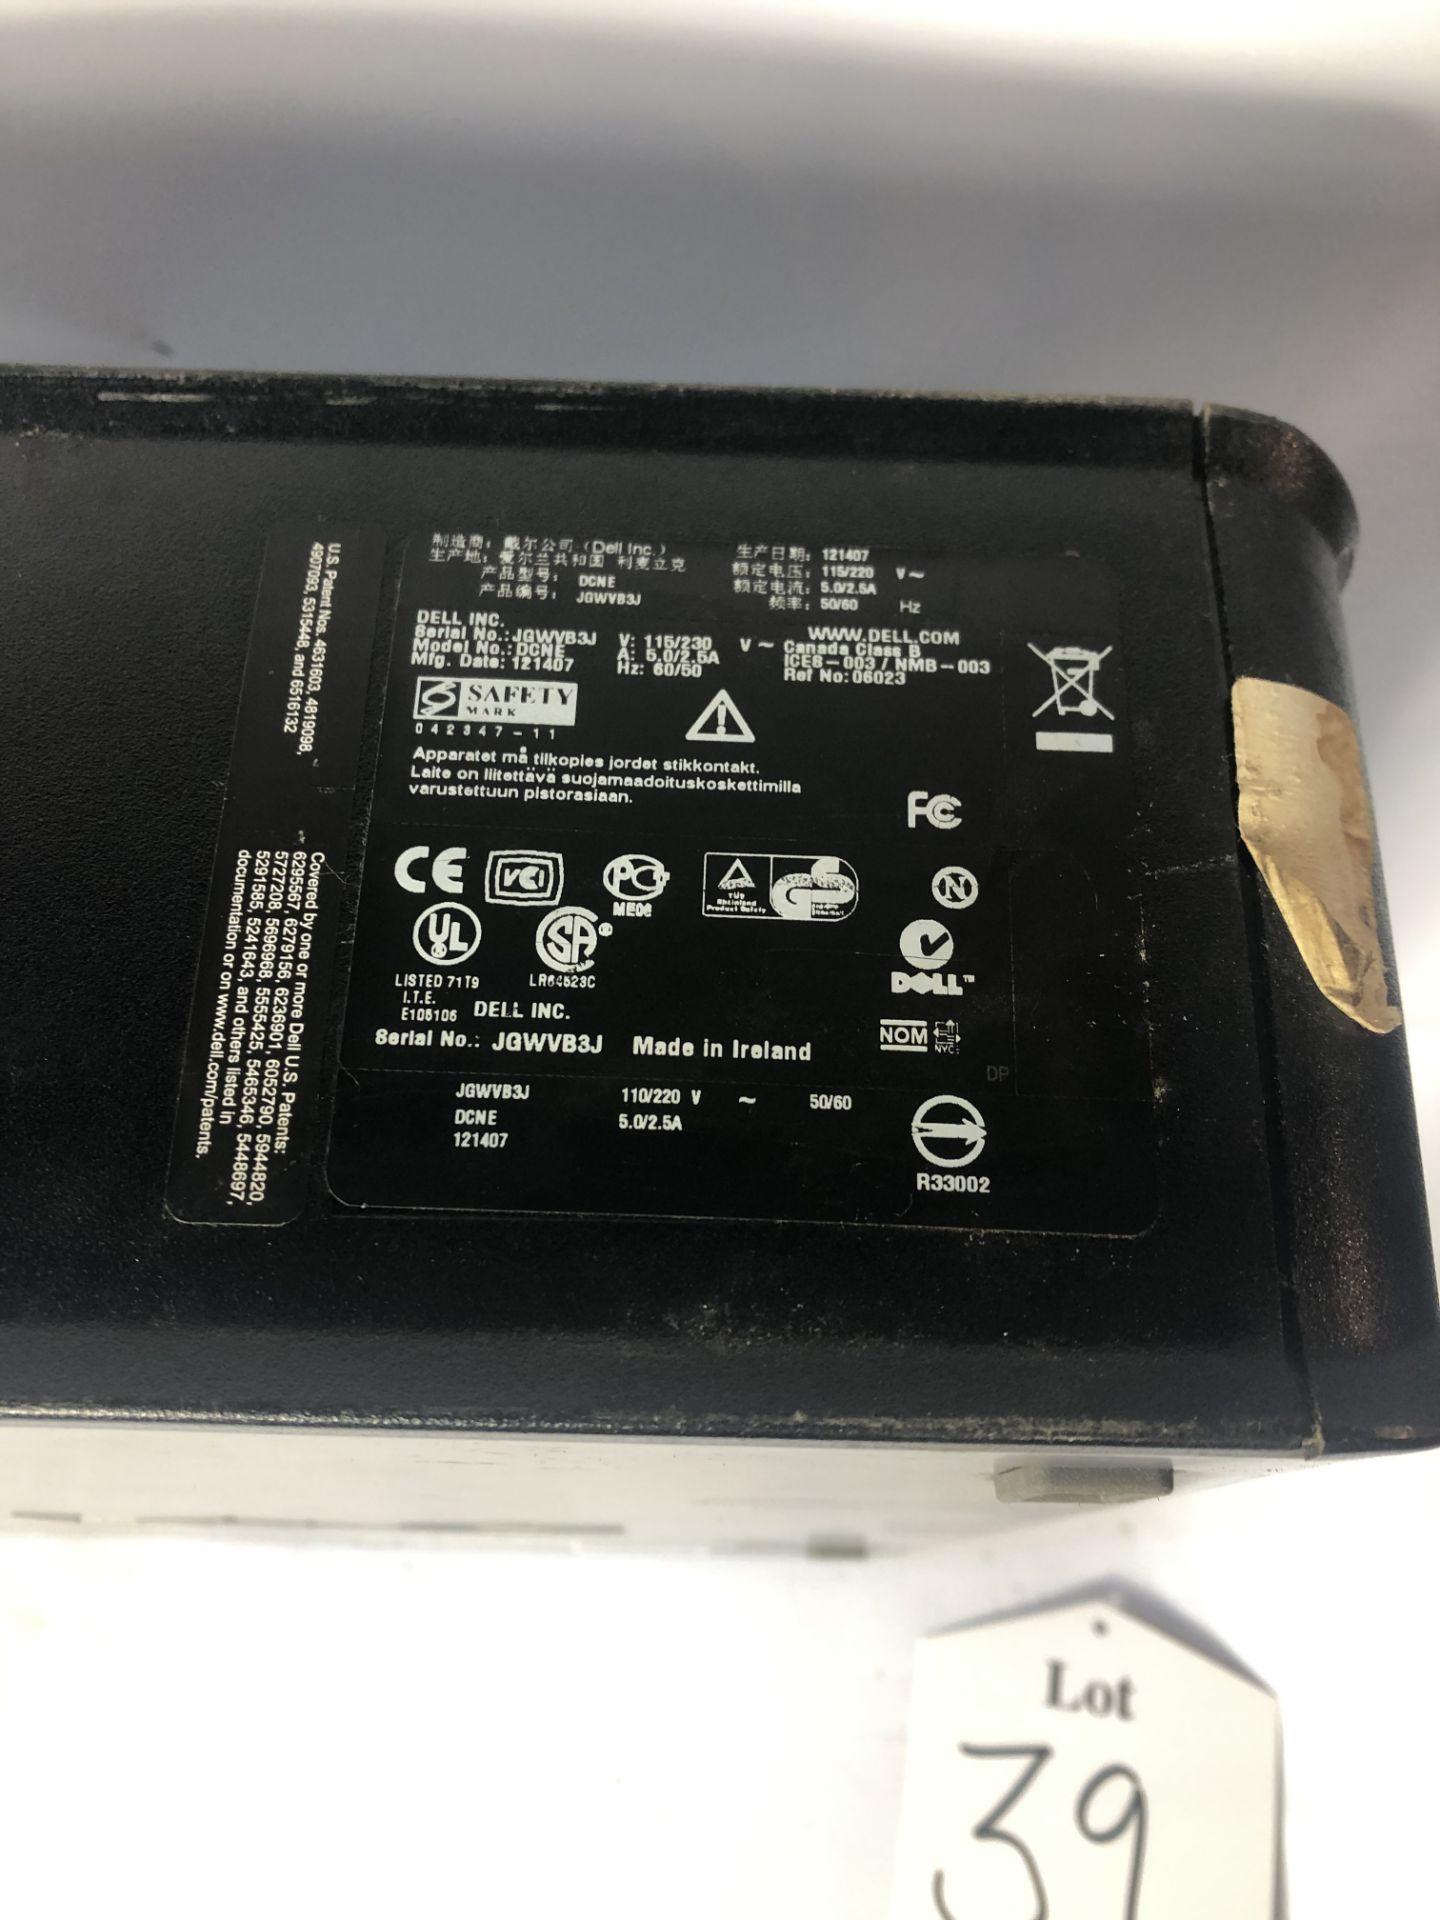 Lot 39 - Dell Opitplex 745 Desktop Computer